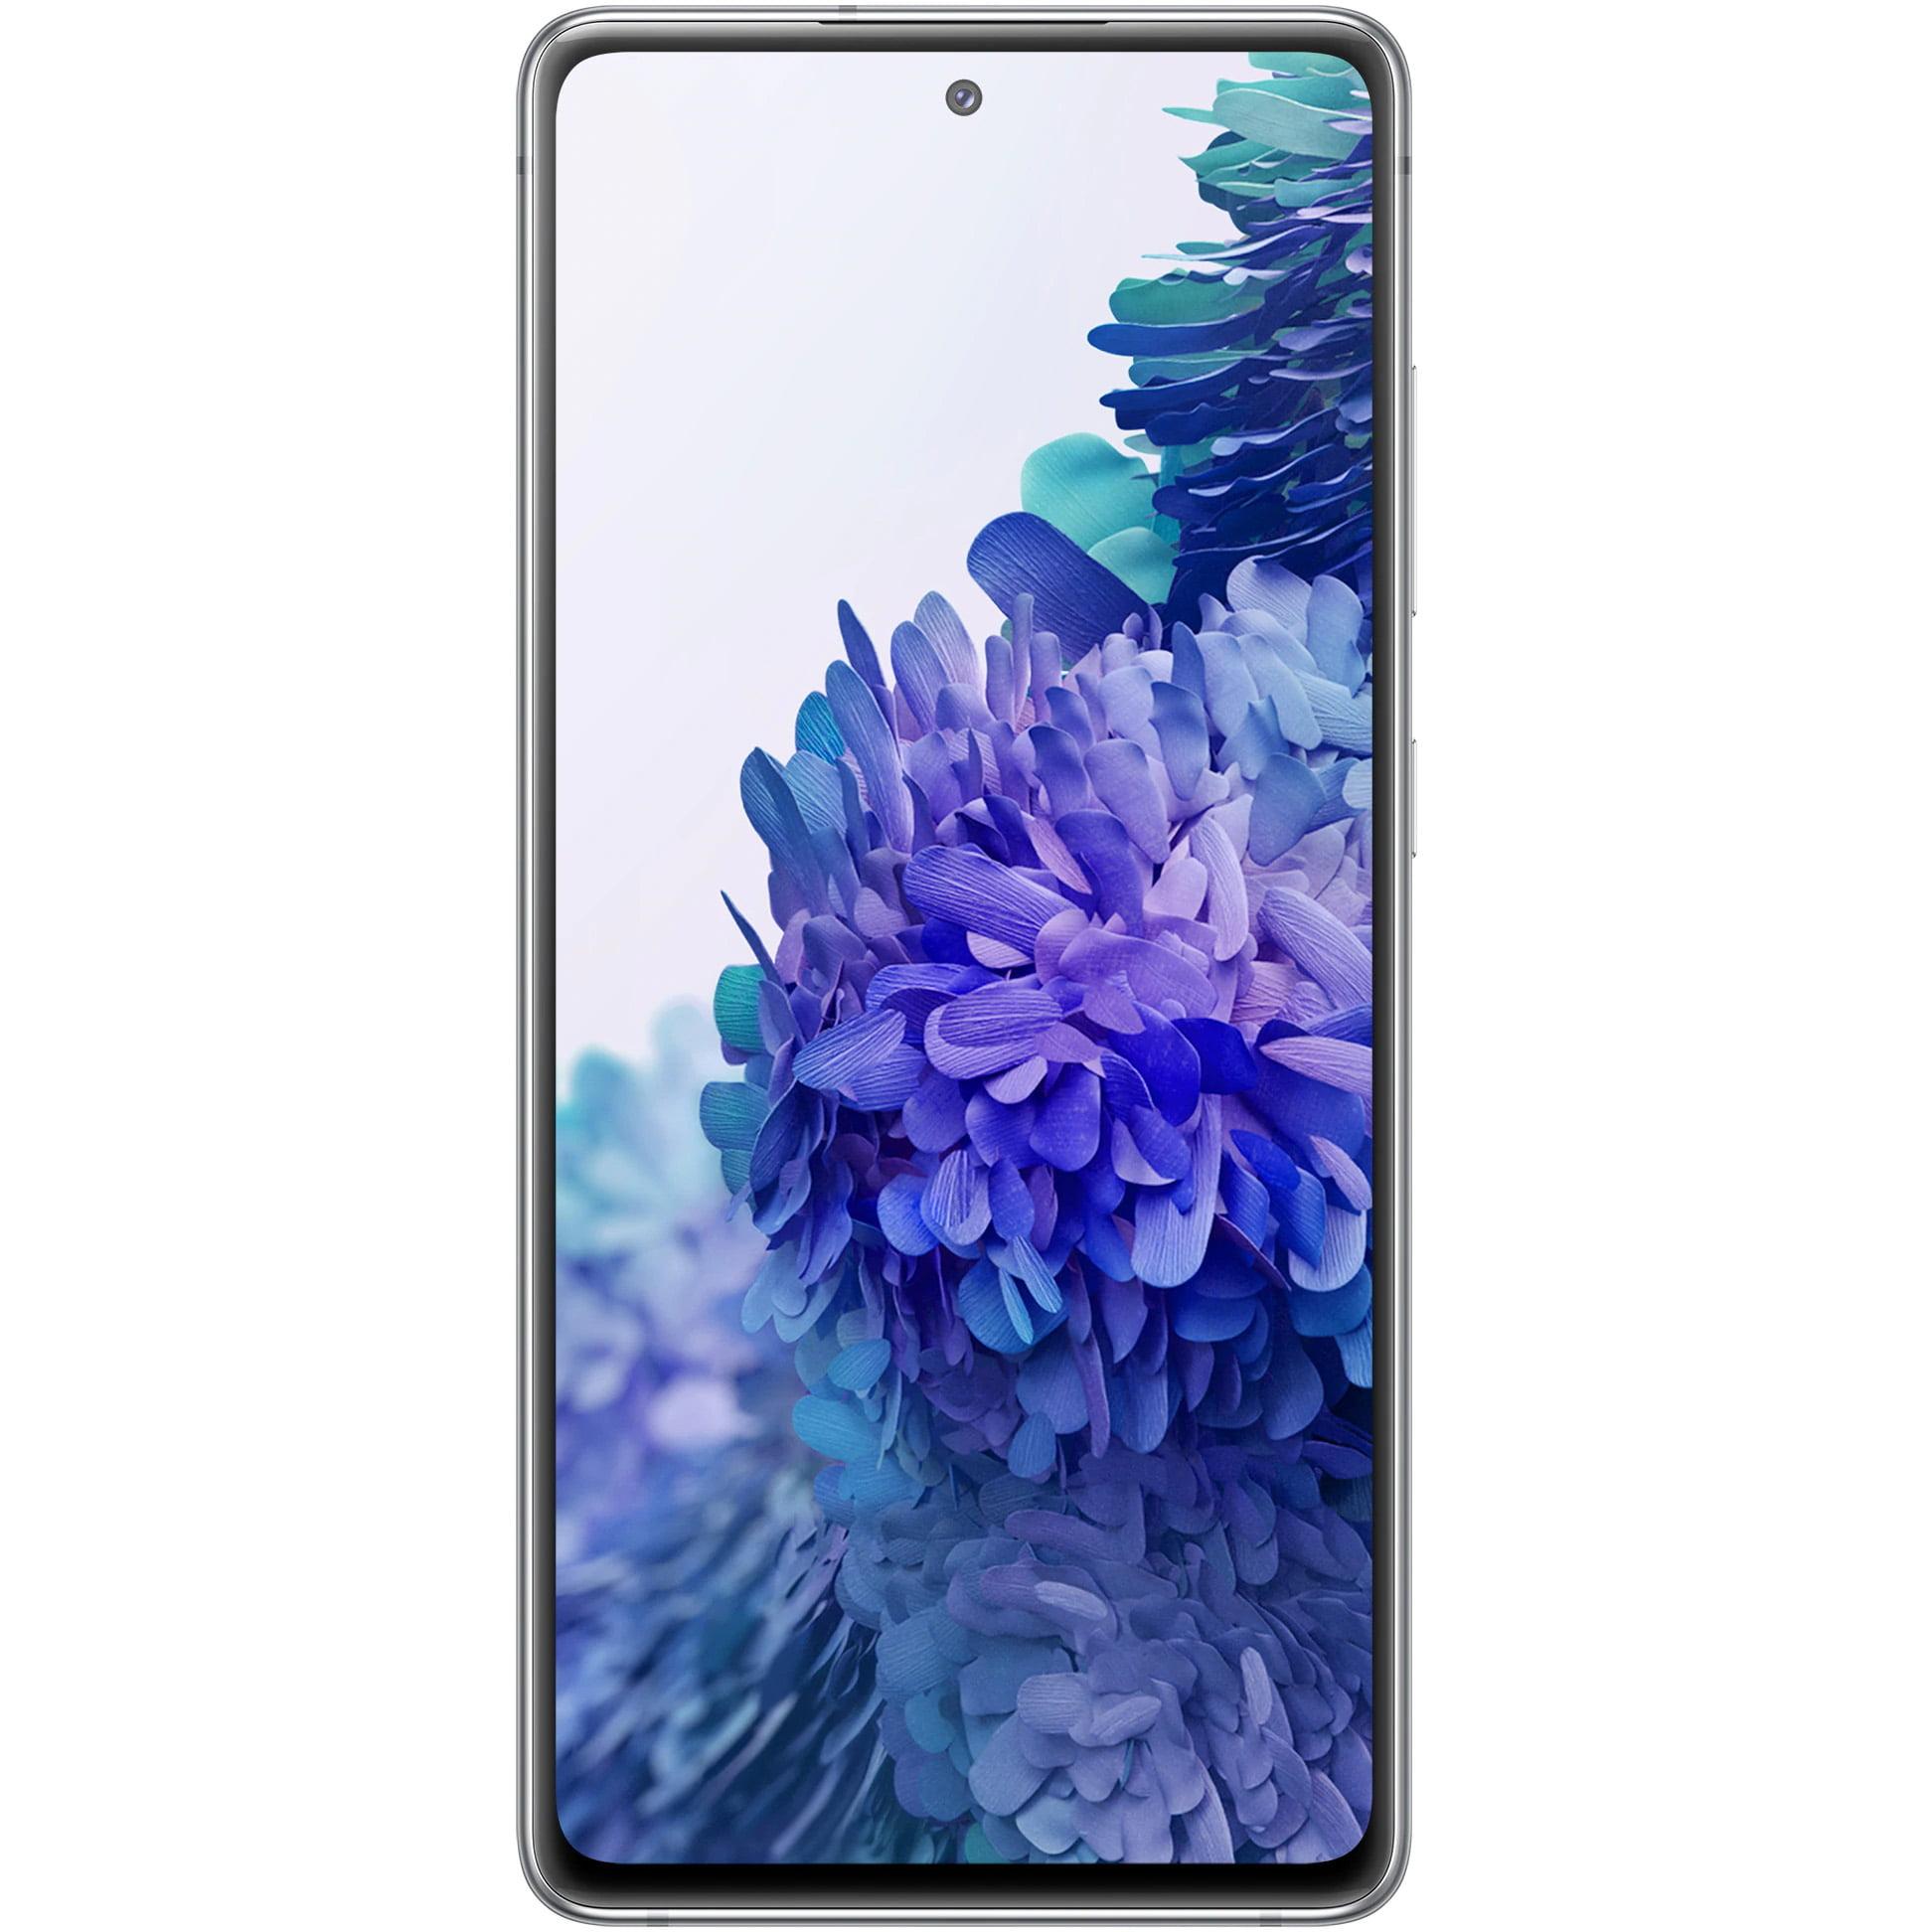 Telefon mobil Samsung Galaxy S20 FE, Dual SIM, 128GB, 6GB RAM, 5G, Cloud White